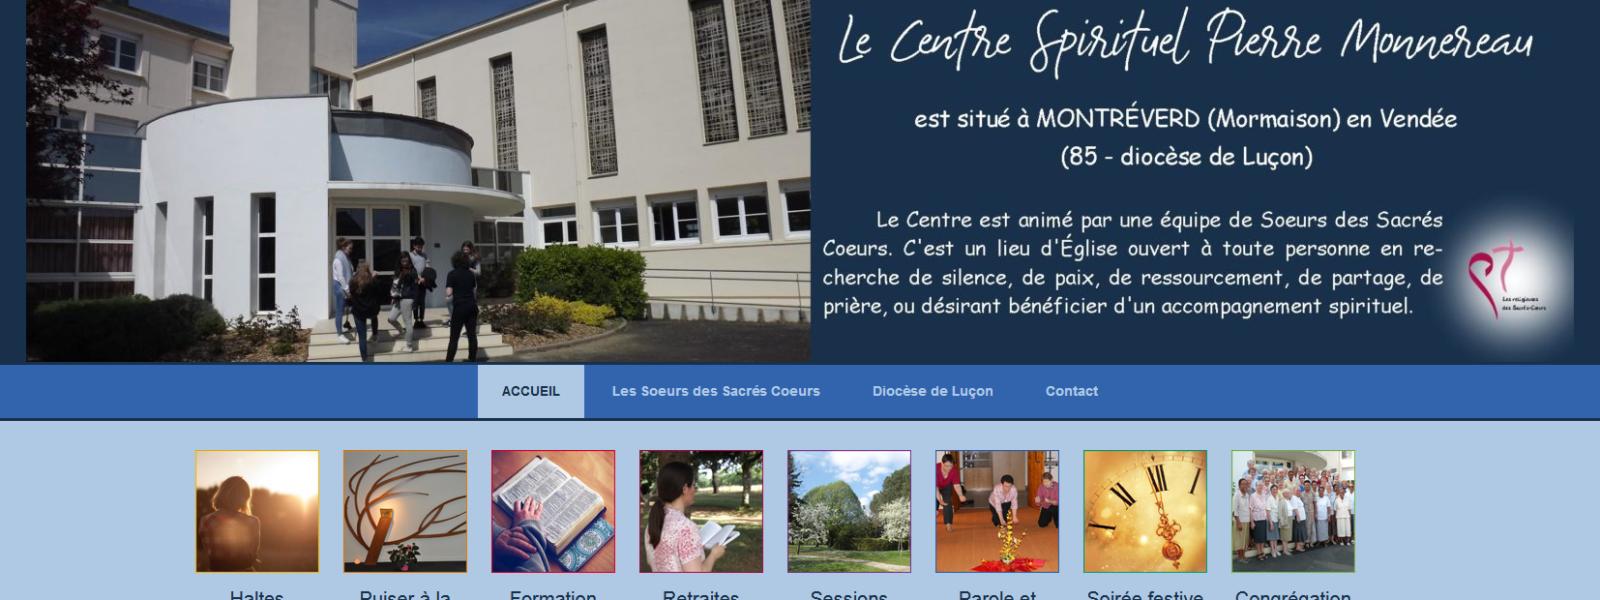 Un nouveau site internet pour le Centre Spirituel